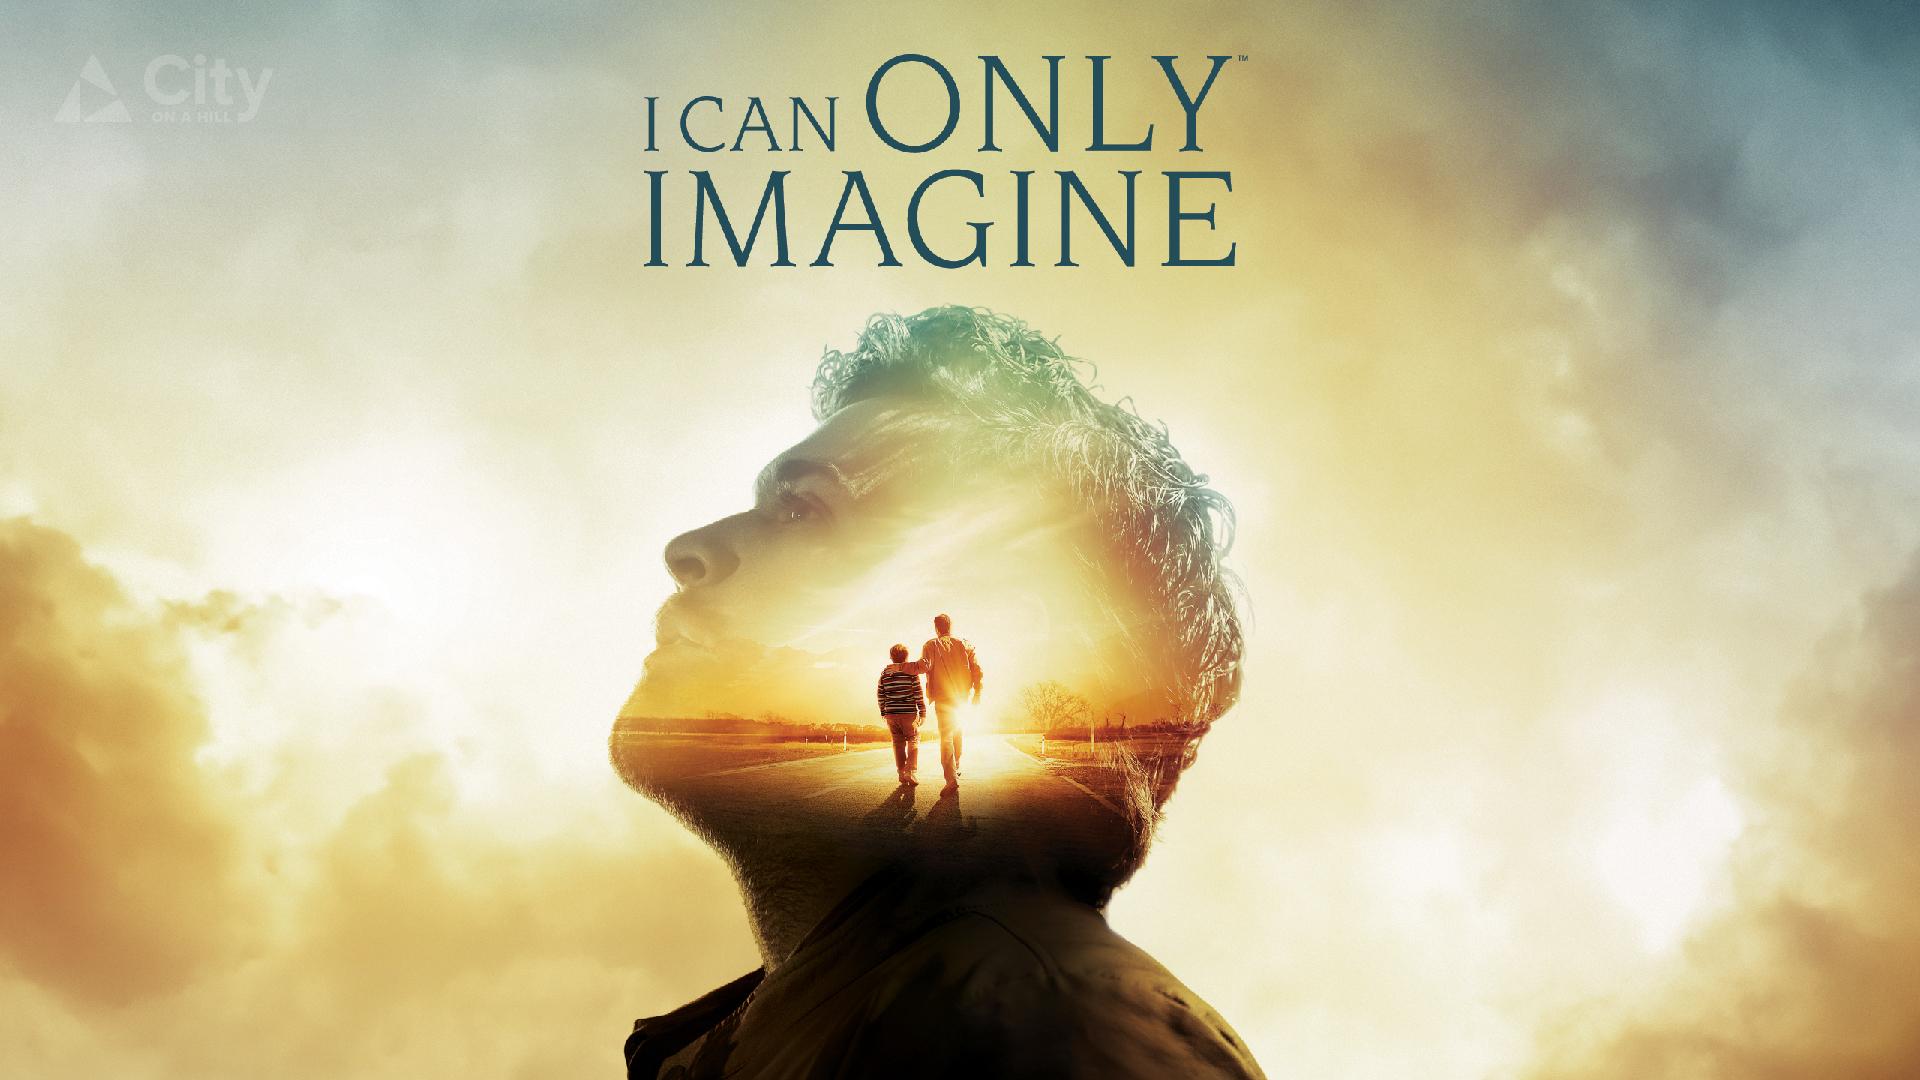 Imagine Redemption